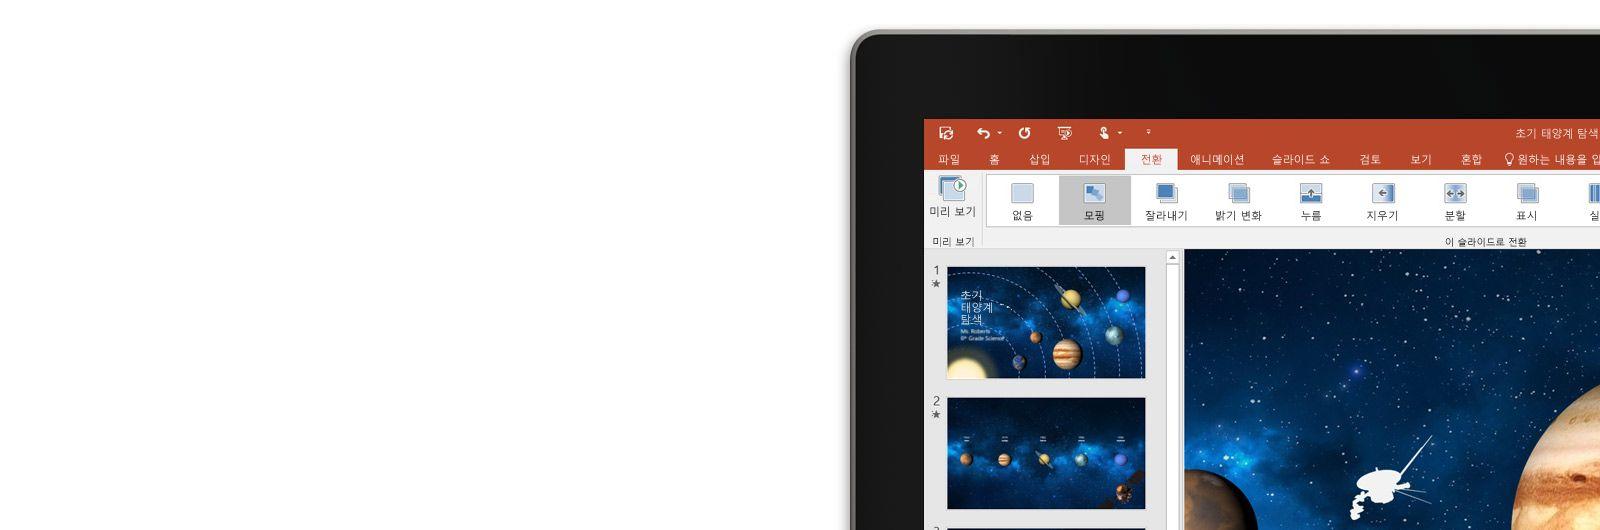 PowerPoint 프레젠테이션 슬라이드 내의 모핑 기능을 보여 주는 태블릿